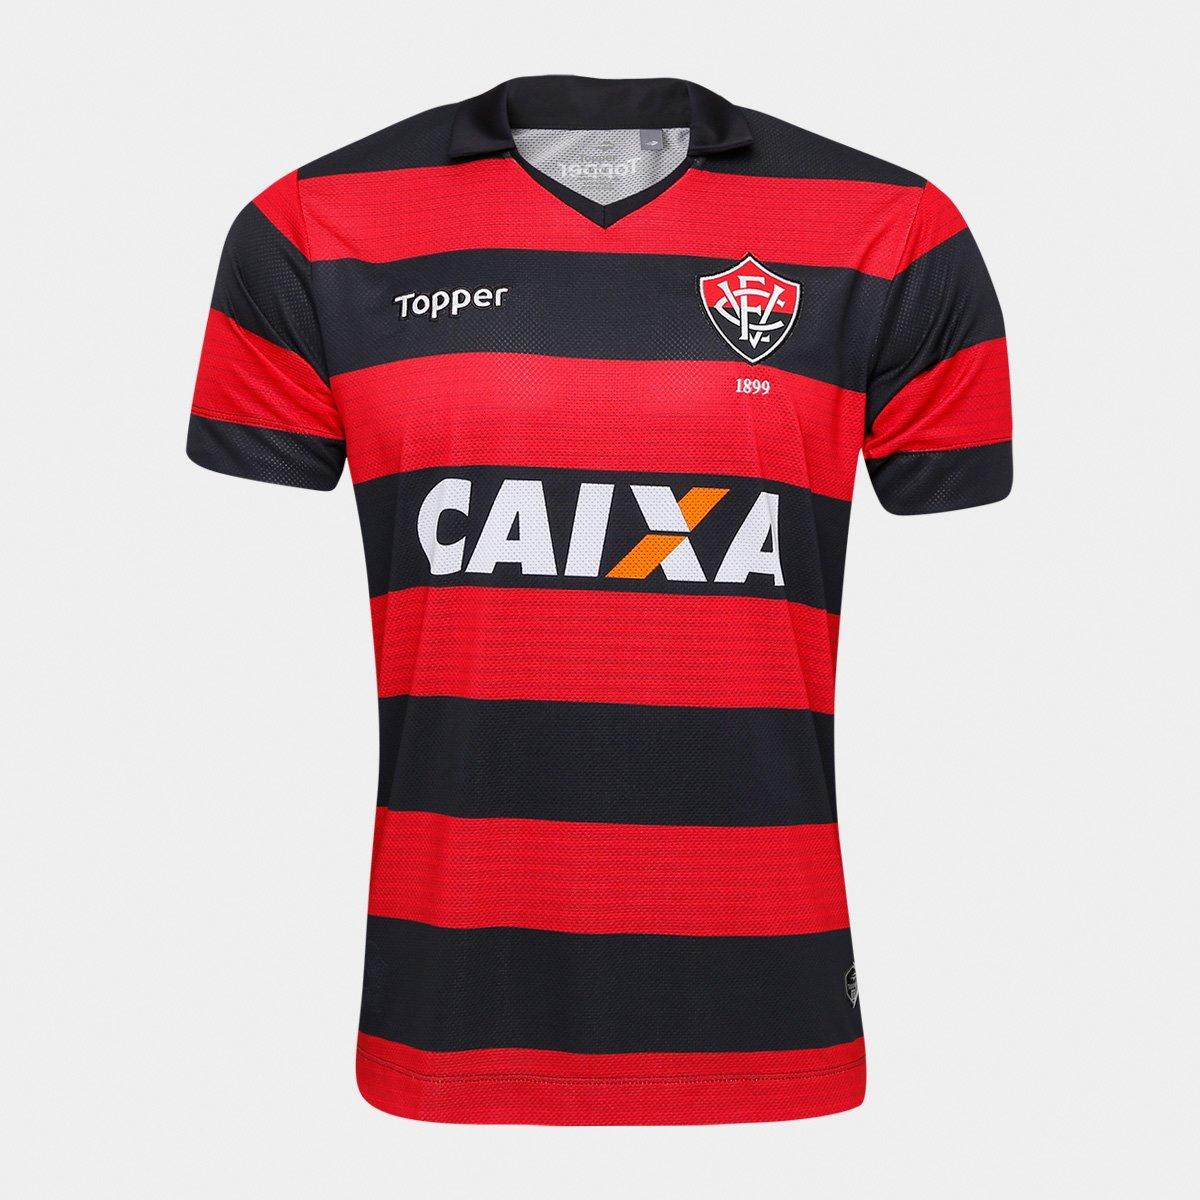 Camisa Vitória I 17 18 s n° - Torcedor Topper Masculina 2f33067e9c7